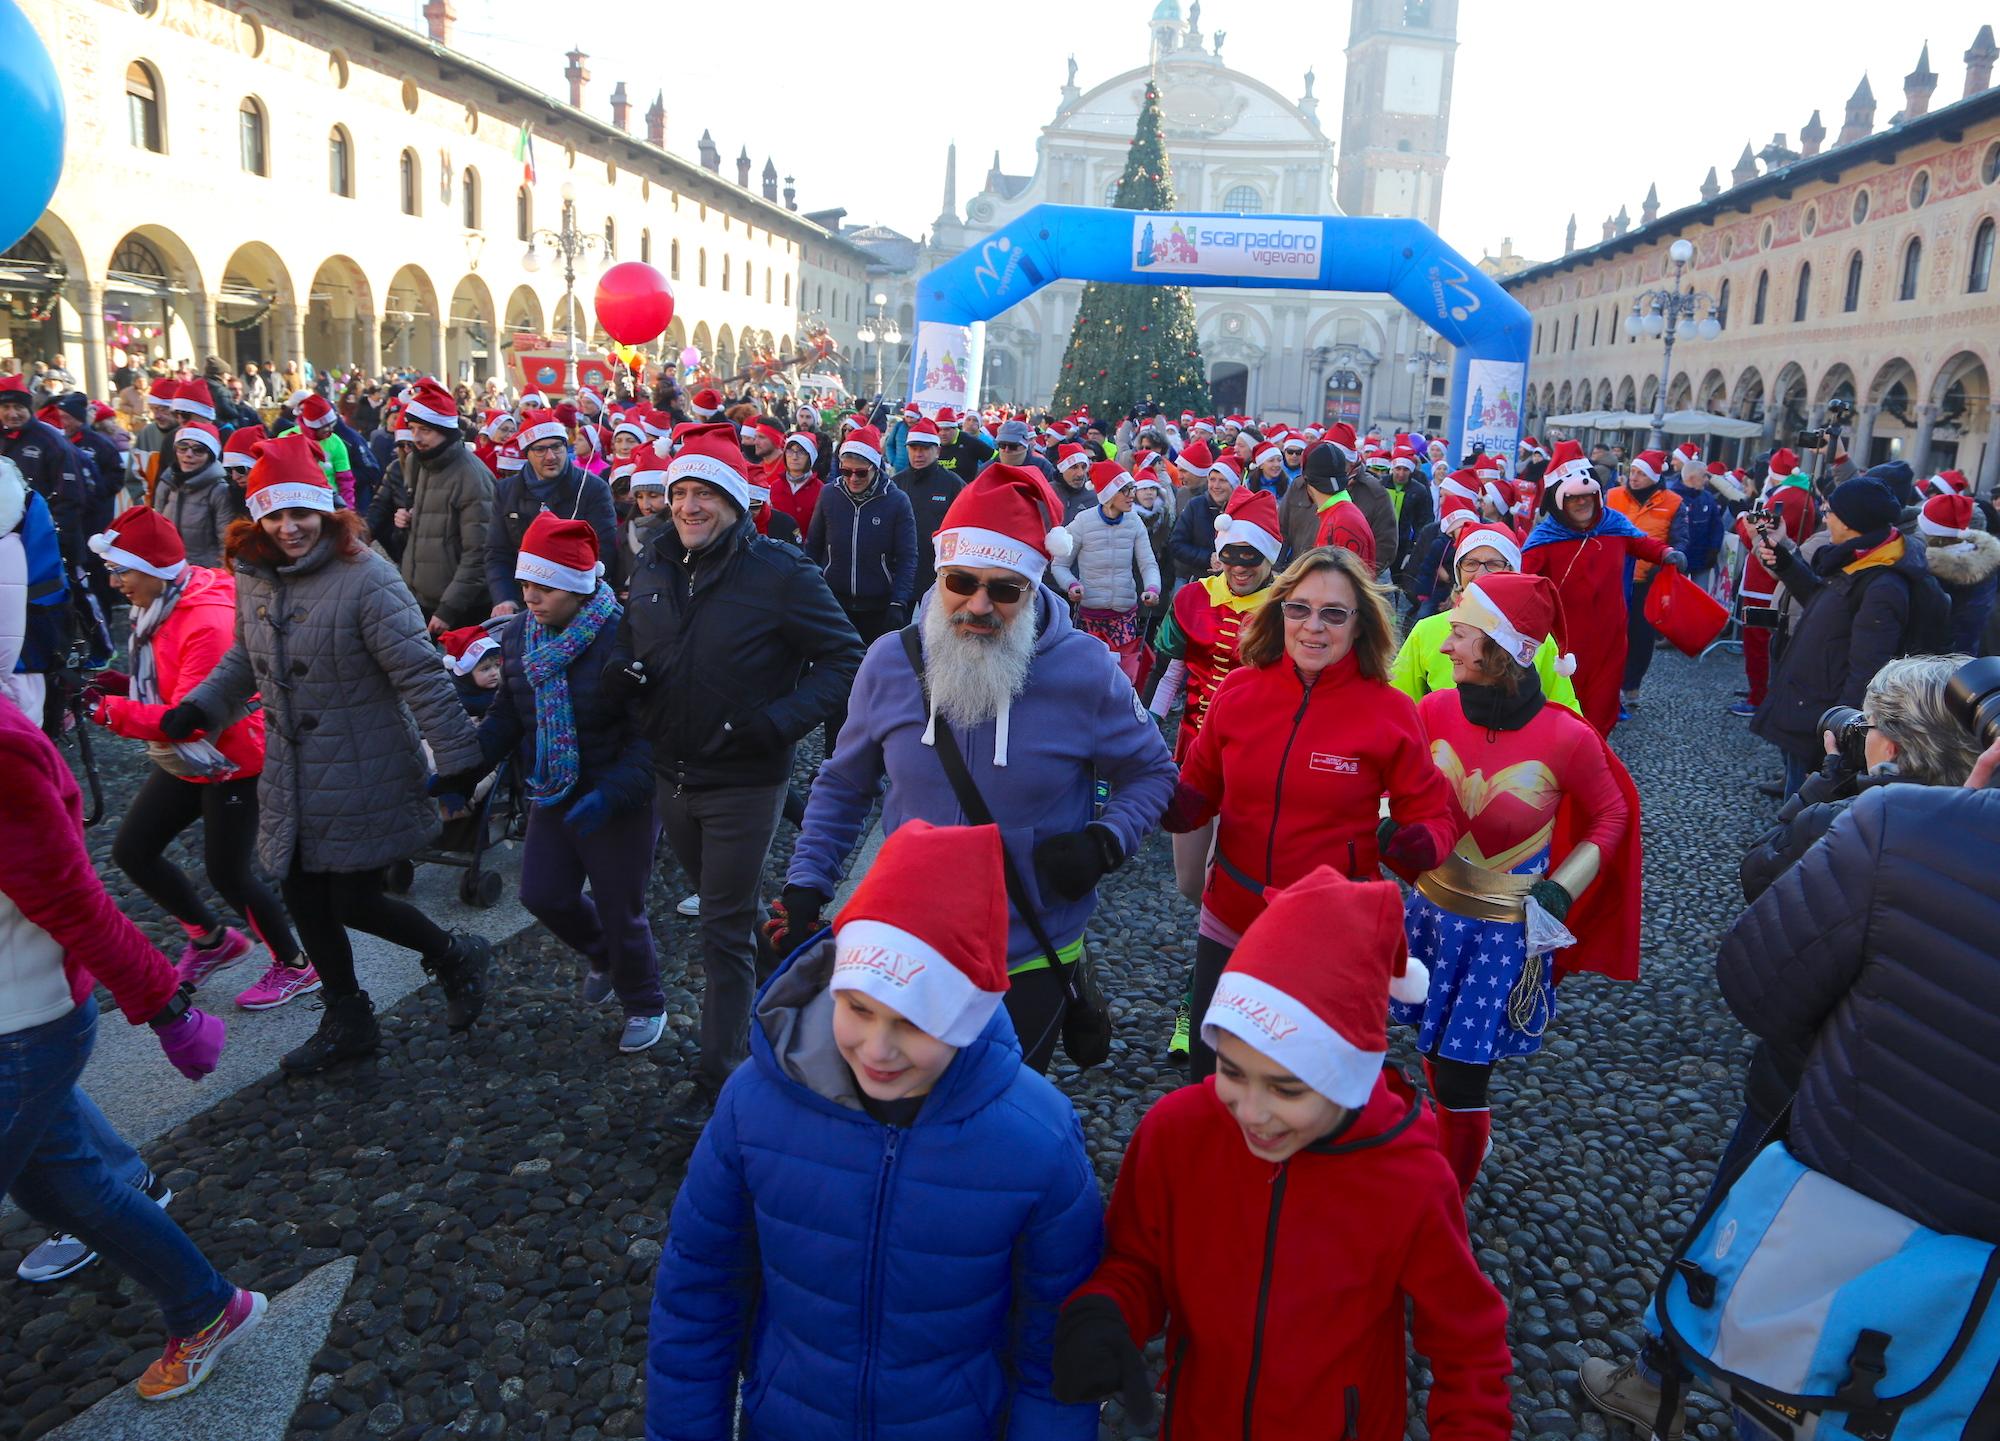 La 4^ Scarpadoro di Babbo Natale ha riscaldato la Piazza Ducale di Vigevano!